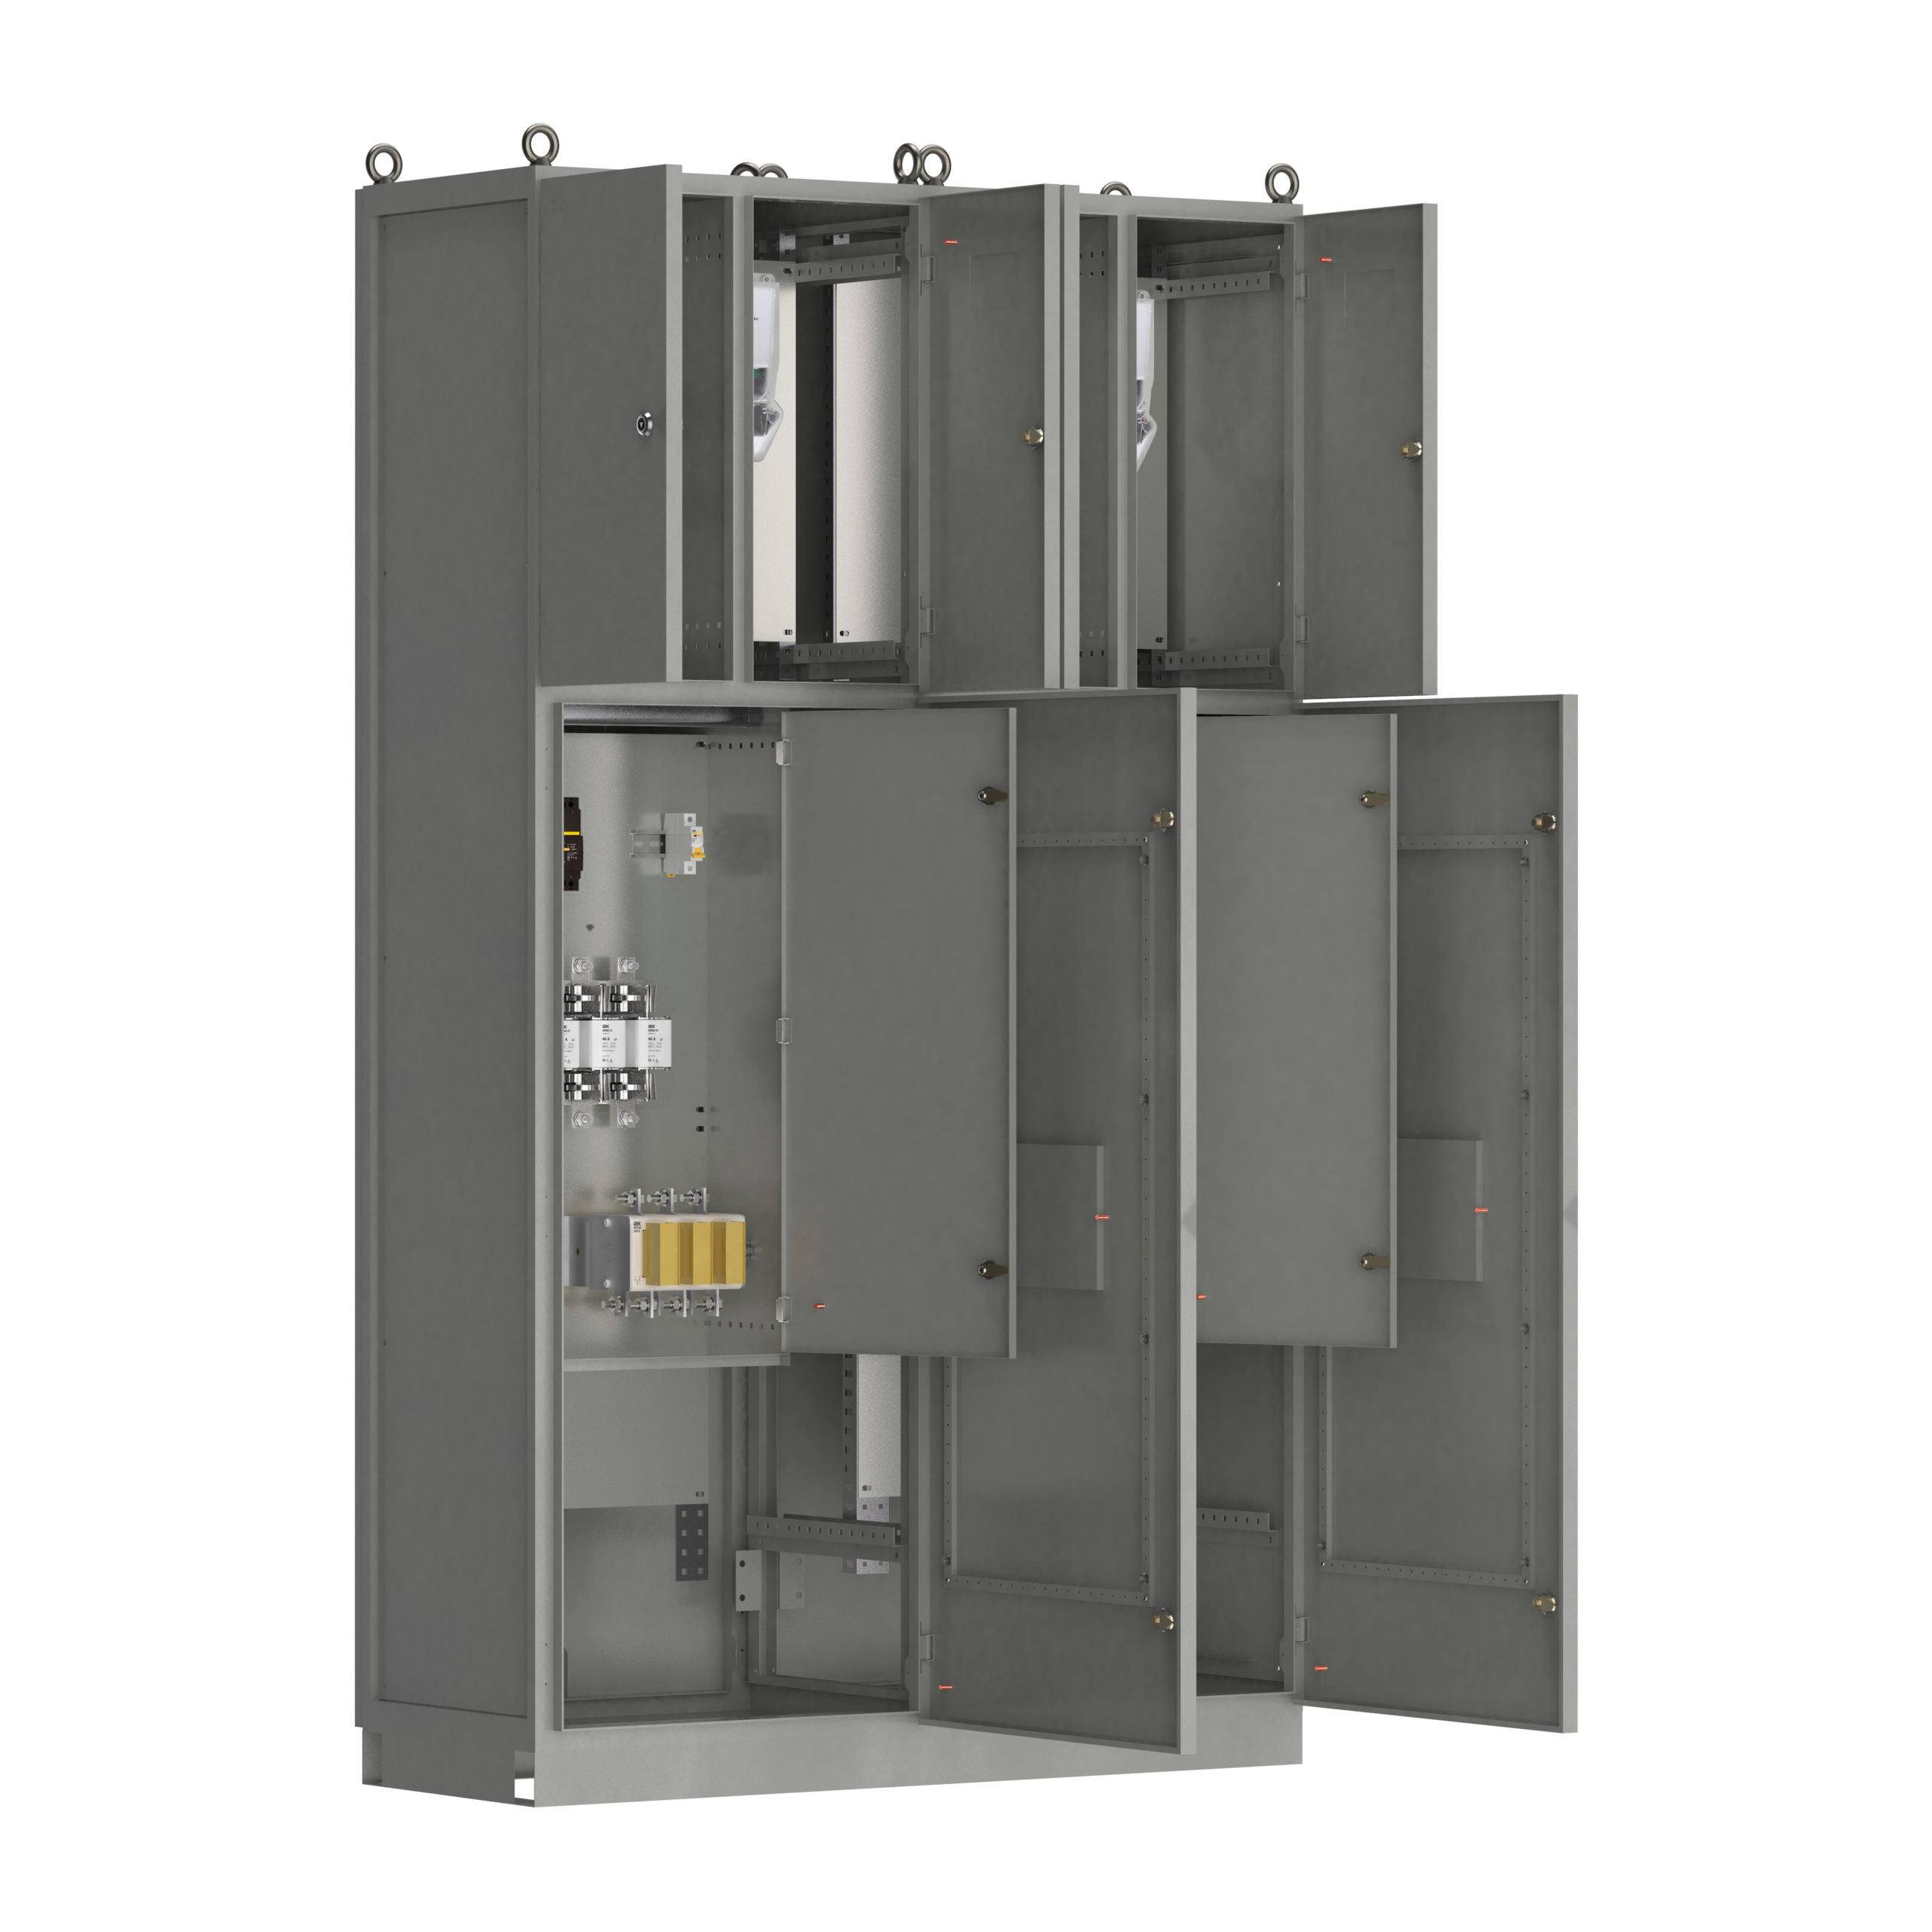 Панель вводная ВРУ1-13-20 УХЛ4 выключатели автоматические 1Р 2х6А рубильники 2х400А плавкие вставки 6х400А и учет IEK